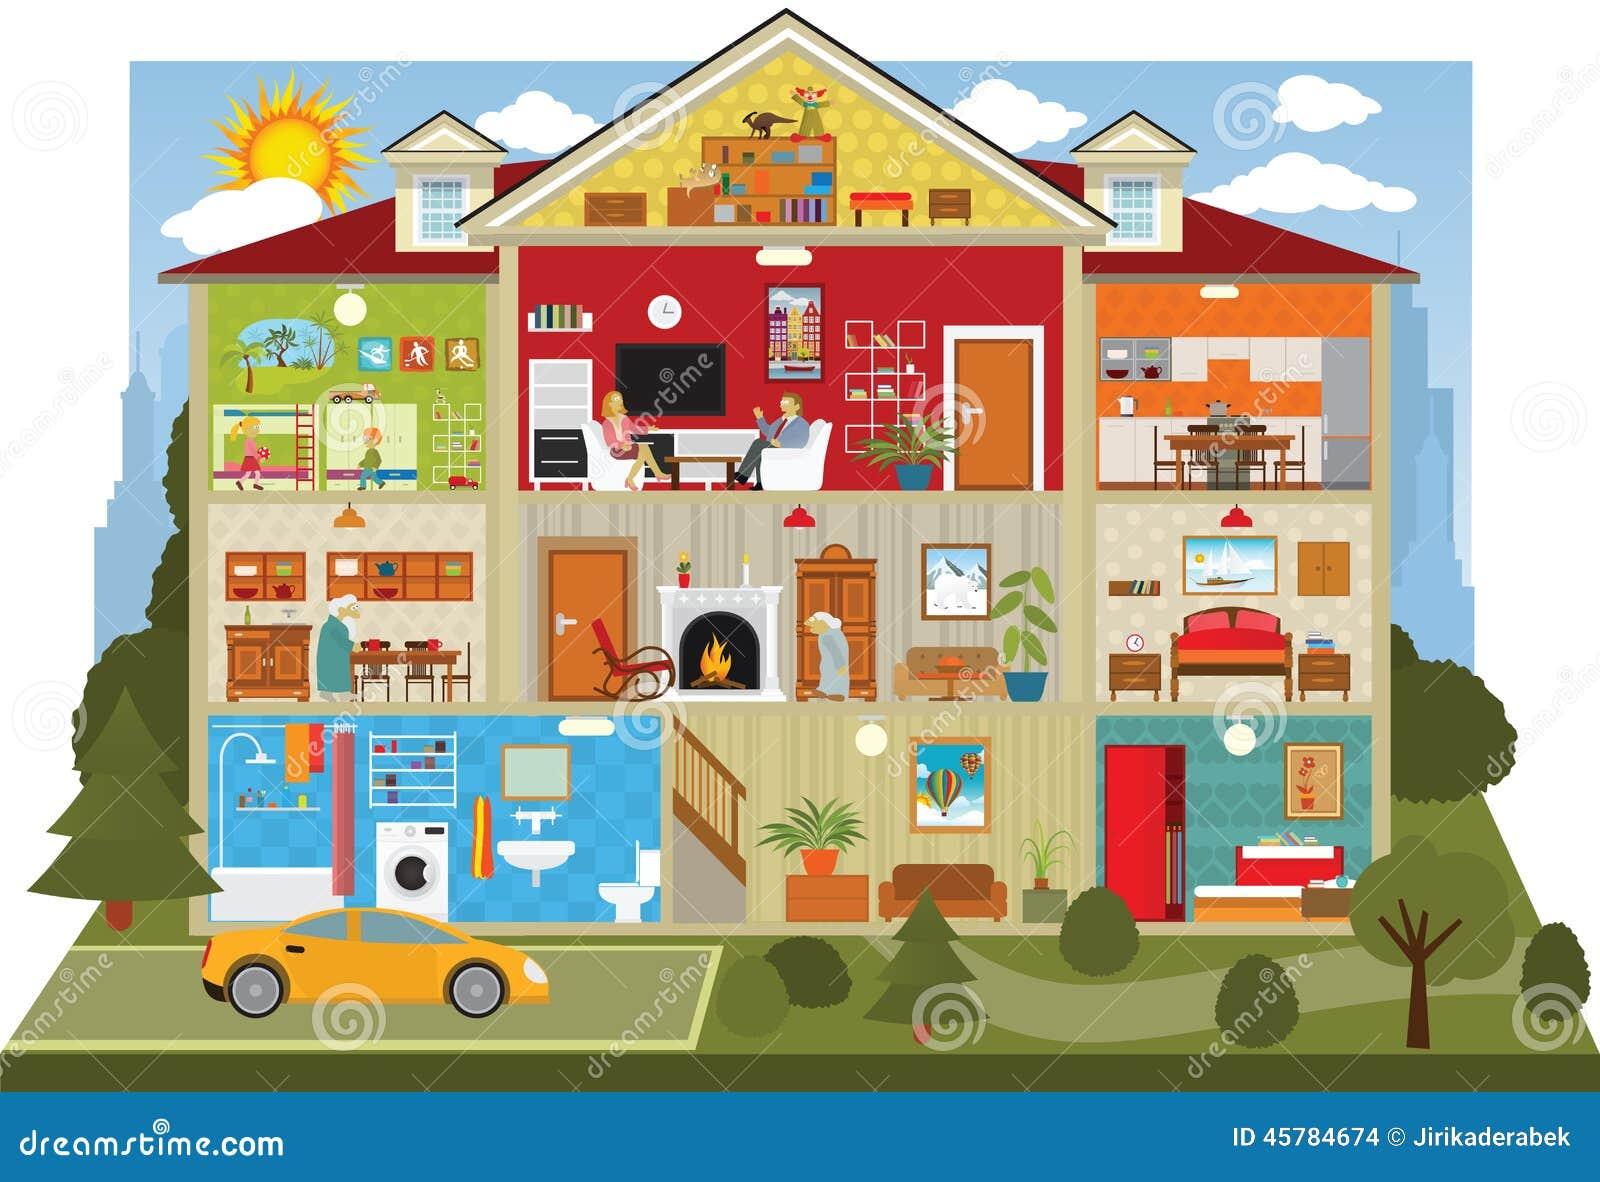 在房子里面 向量例证 插画 包括有 西洋镜 系列 装饰 布琼布拉 子项 国内 厨房 活动